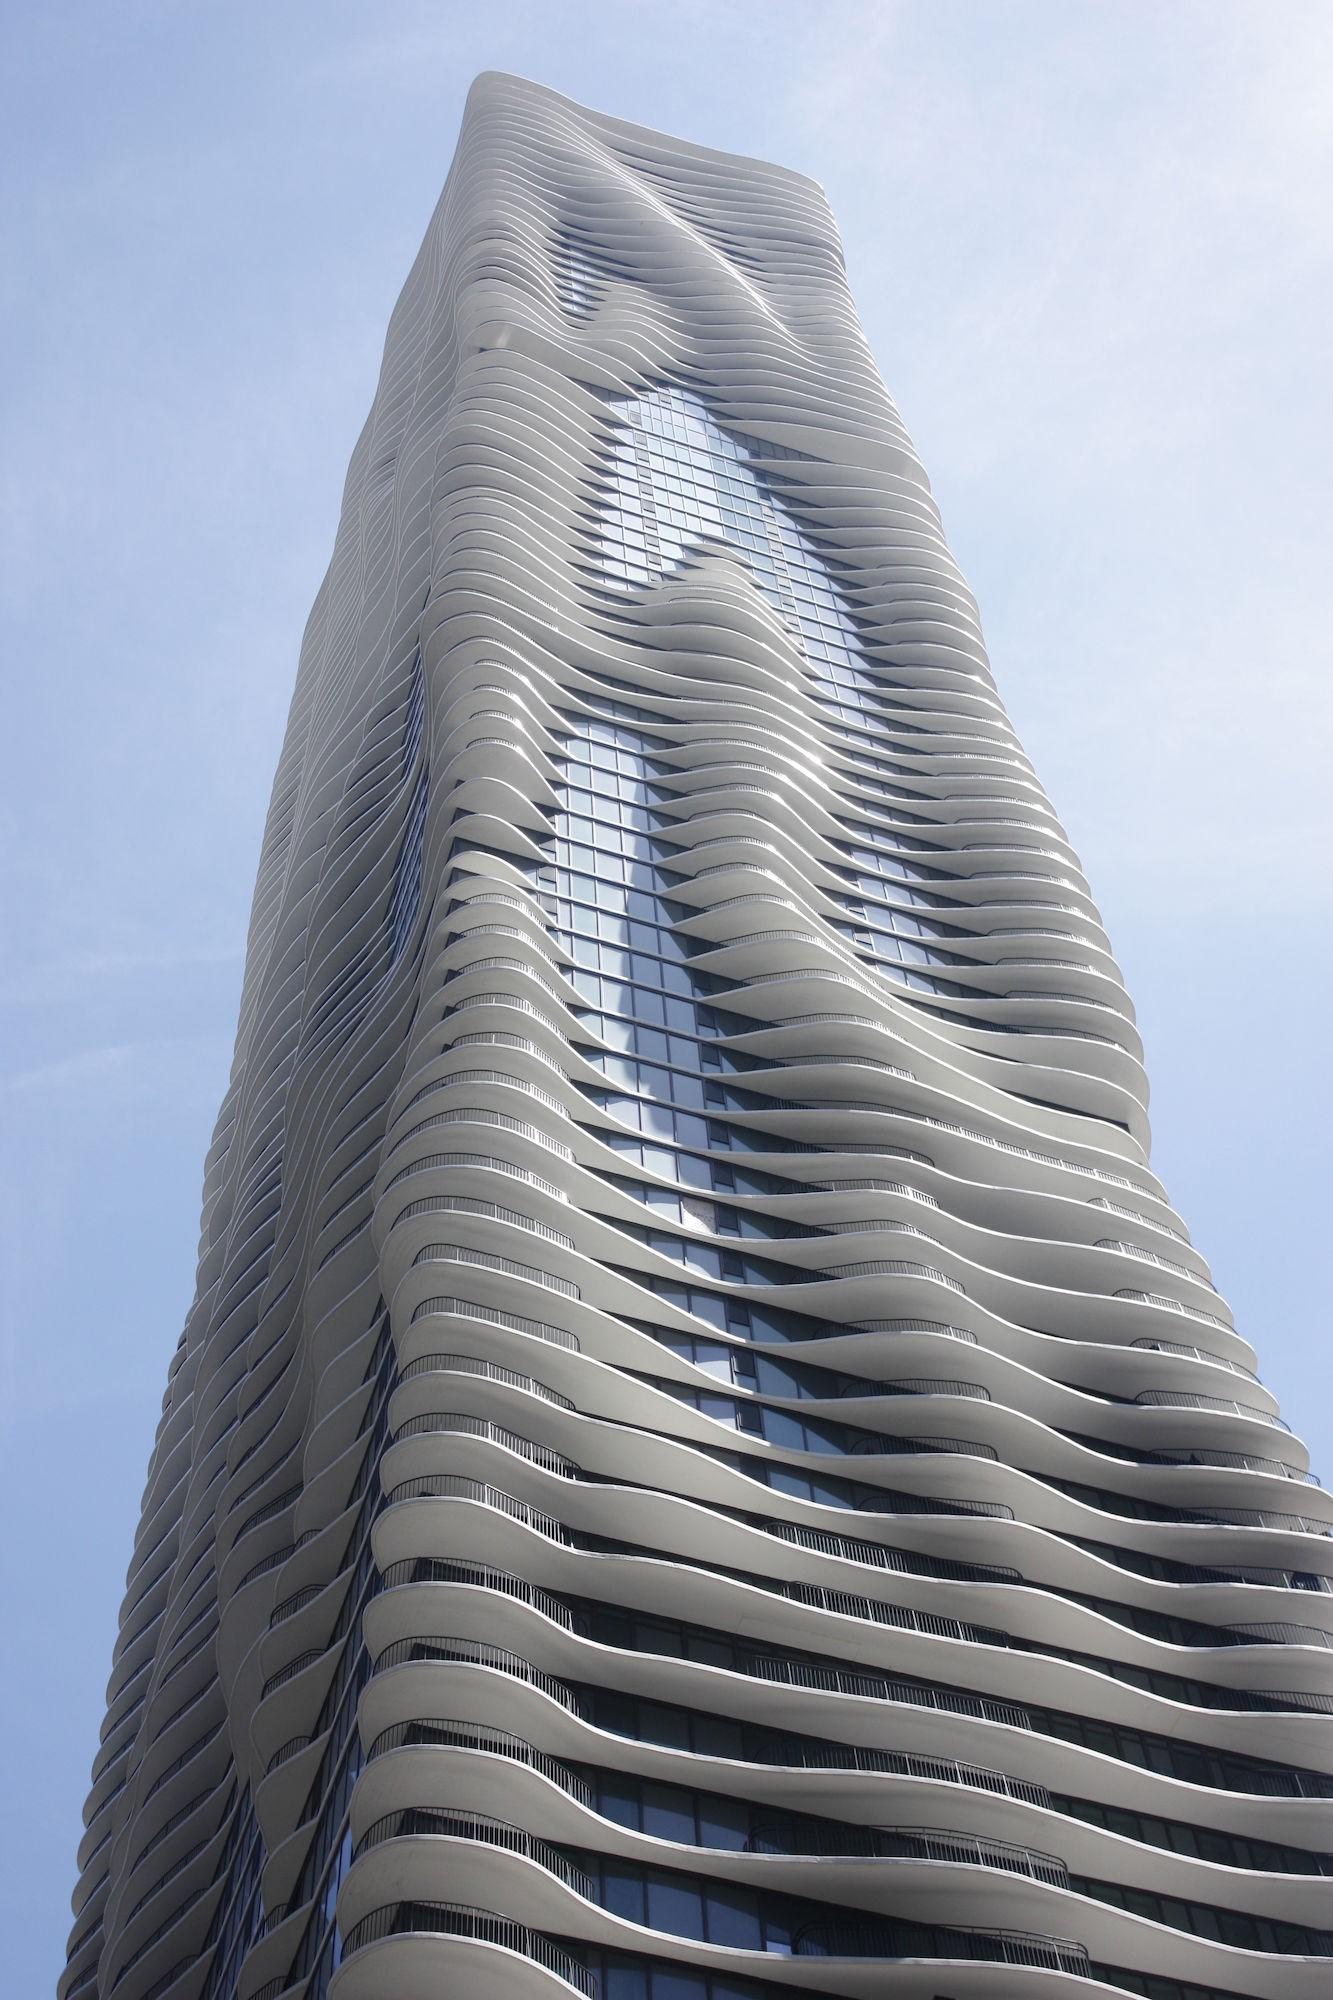 Aqua 183 Buildings Of Chicago 183 Chicago Architecture Center